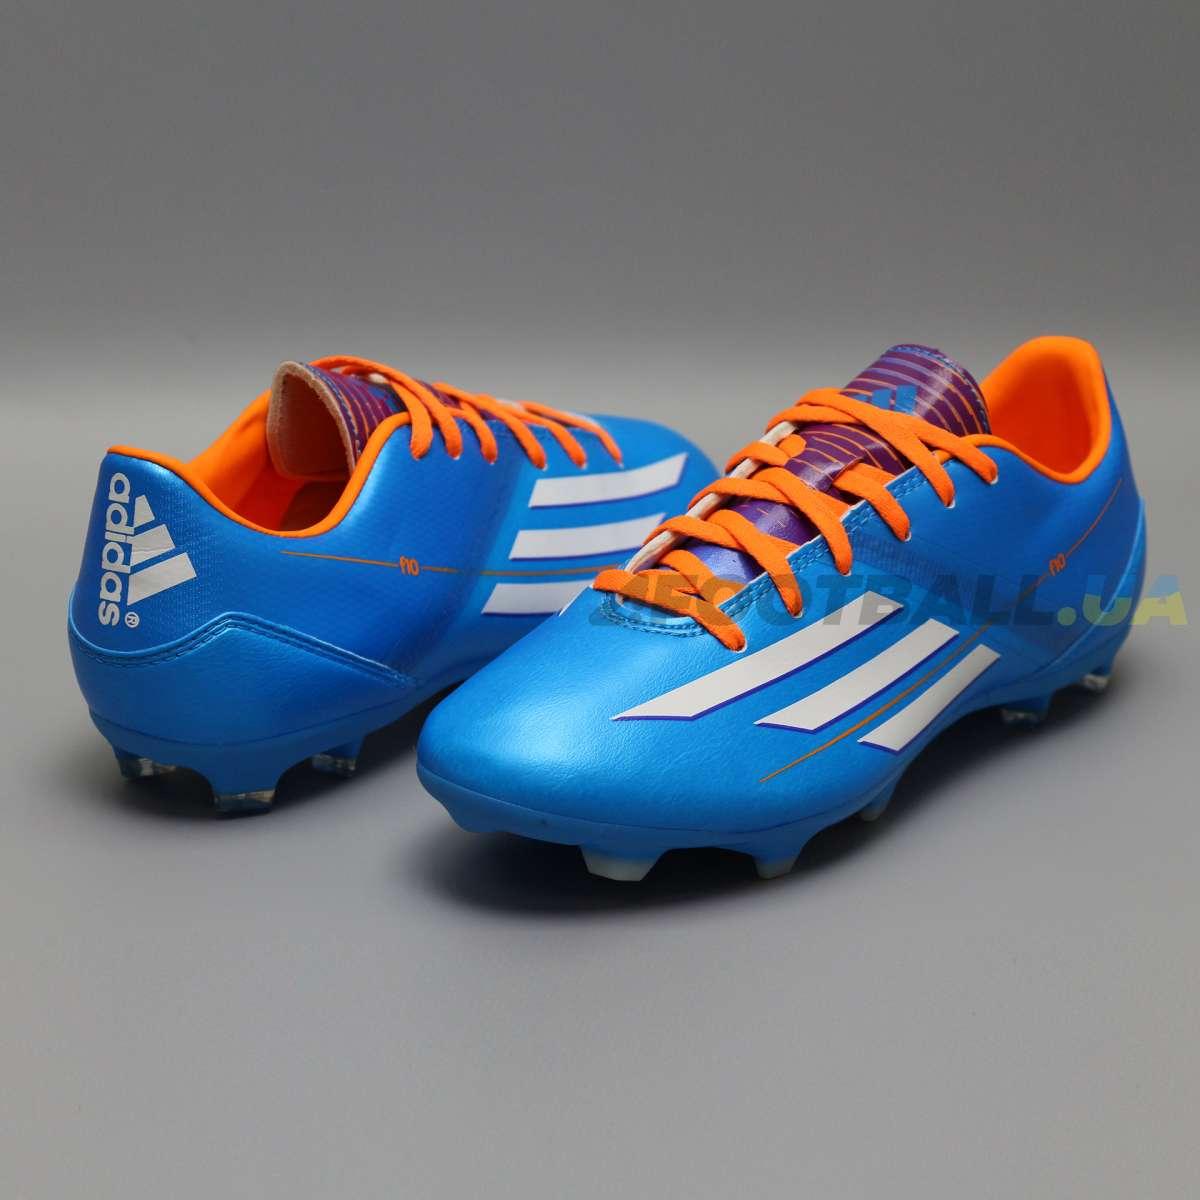 2f630e47 Бутсы ADIDAS F10 TRX FG D67146 blue купить у надежного магазина в ...